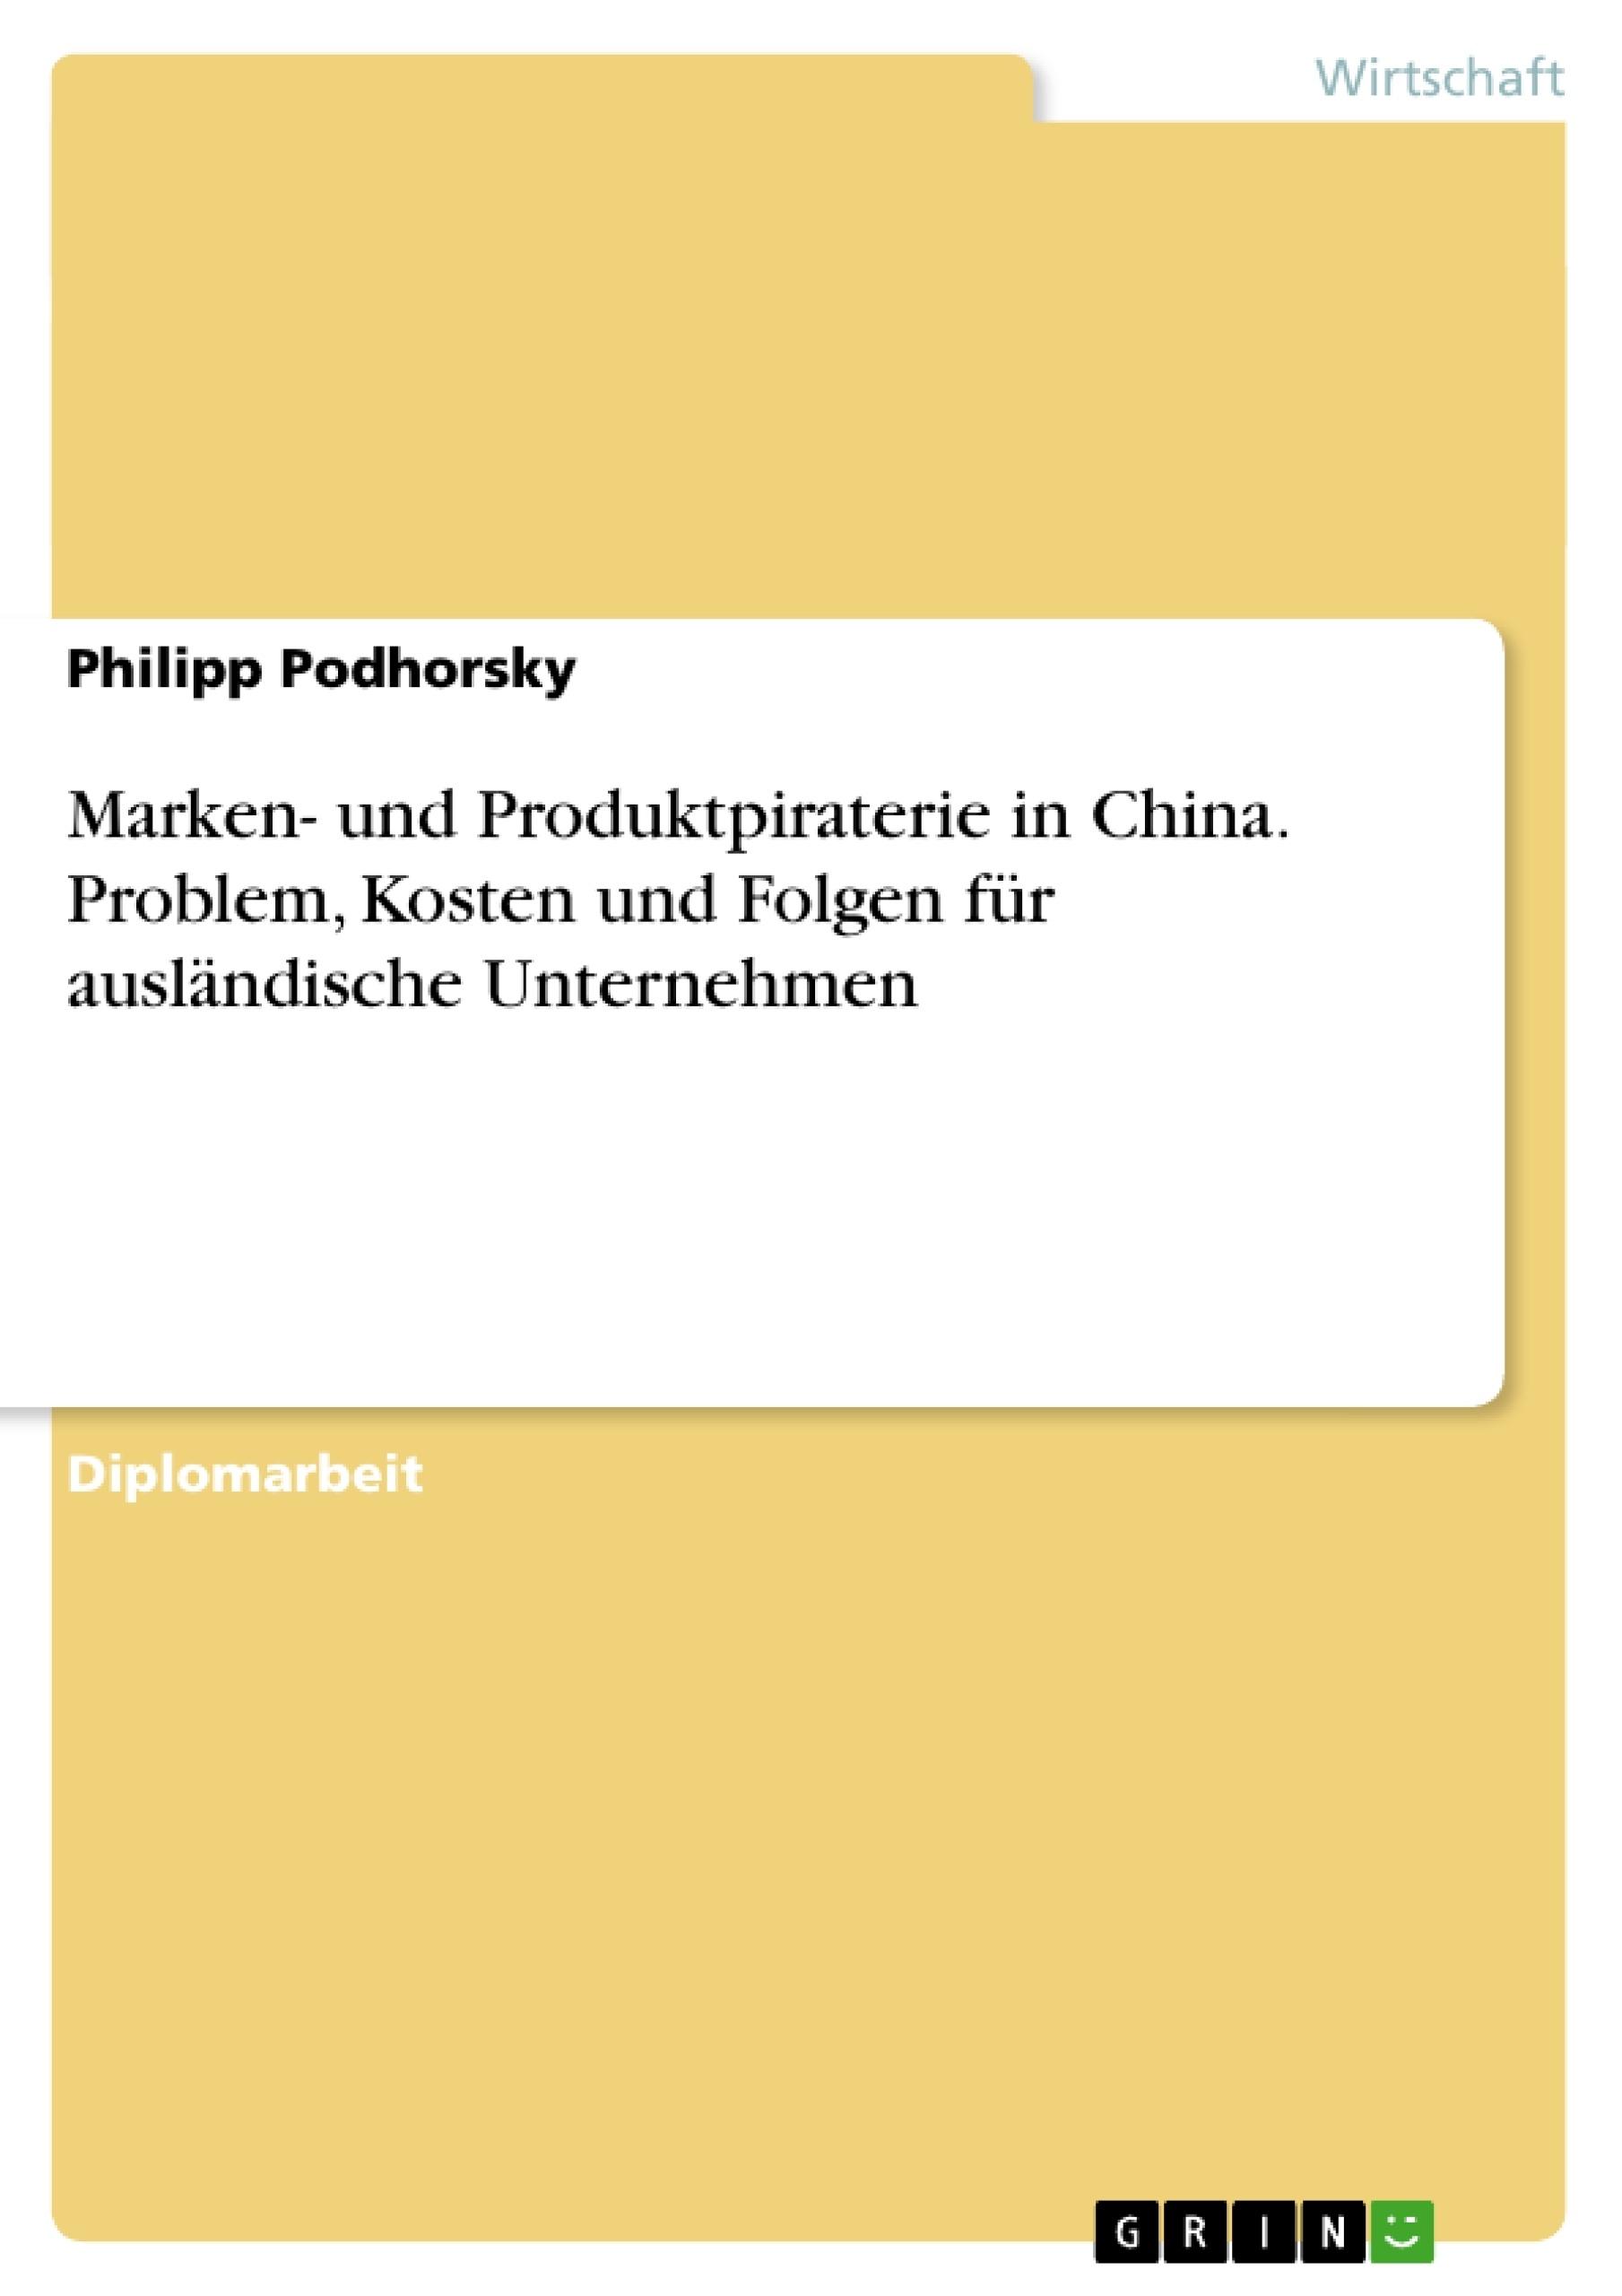 Titel: Marken- und Produktpiraterie in China. Problem, Kosten und Folgen für ausländische Unternehmen